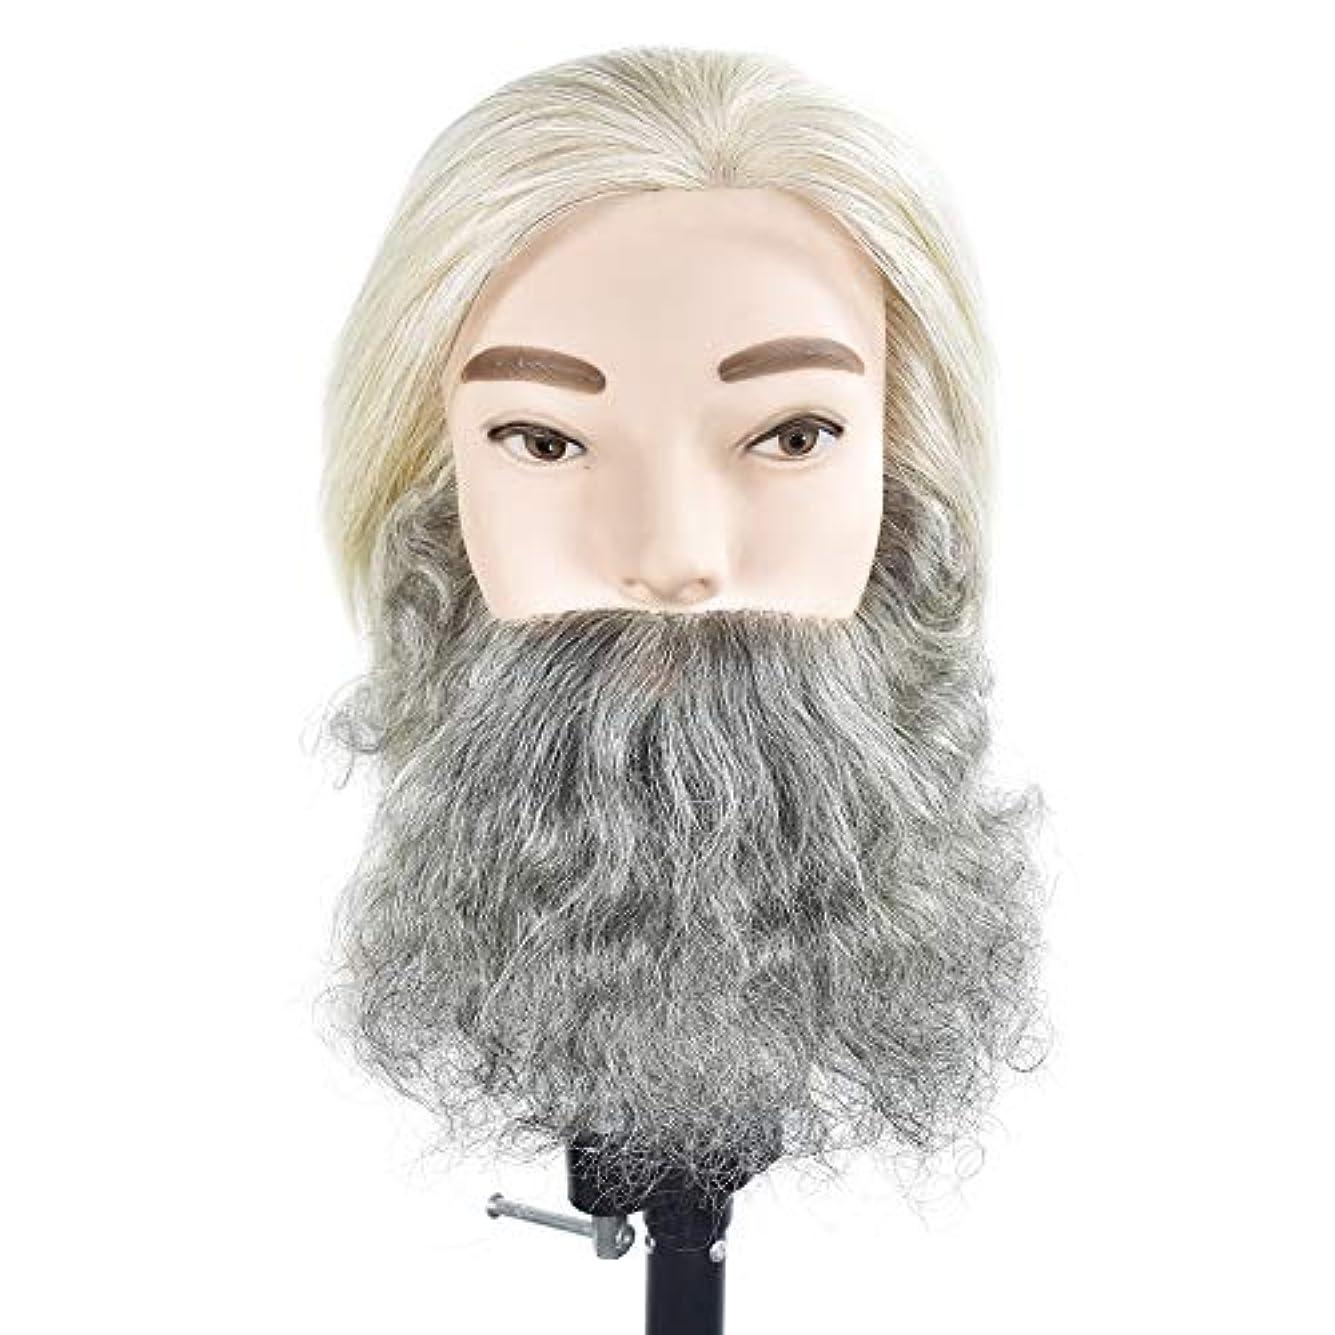 平手打ち磁石スクラブリアル人間の髪トレーニングヘッドパーマ髪モデル髪染め理髪ダミーヘッドトリミングひげ学習ヘッドモデル